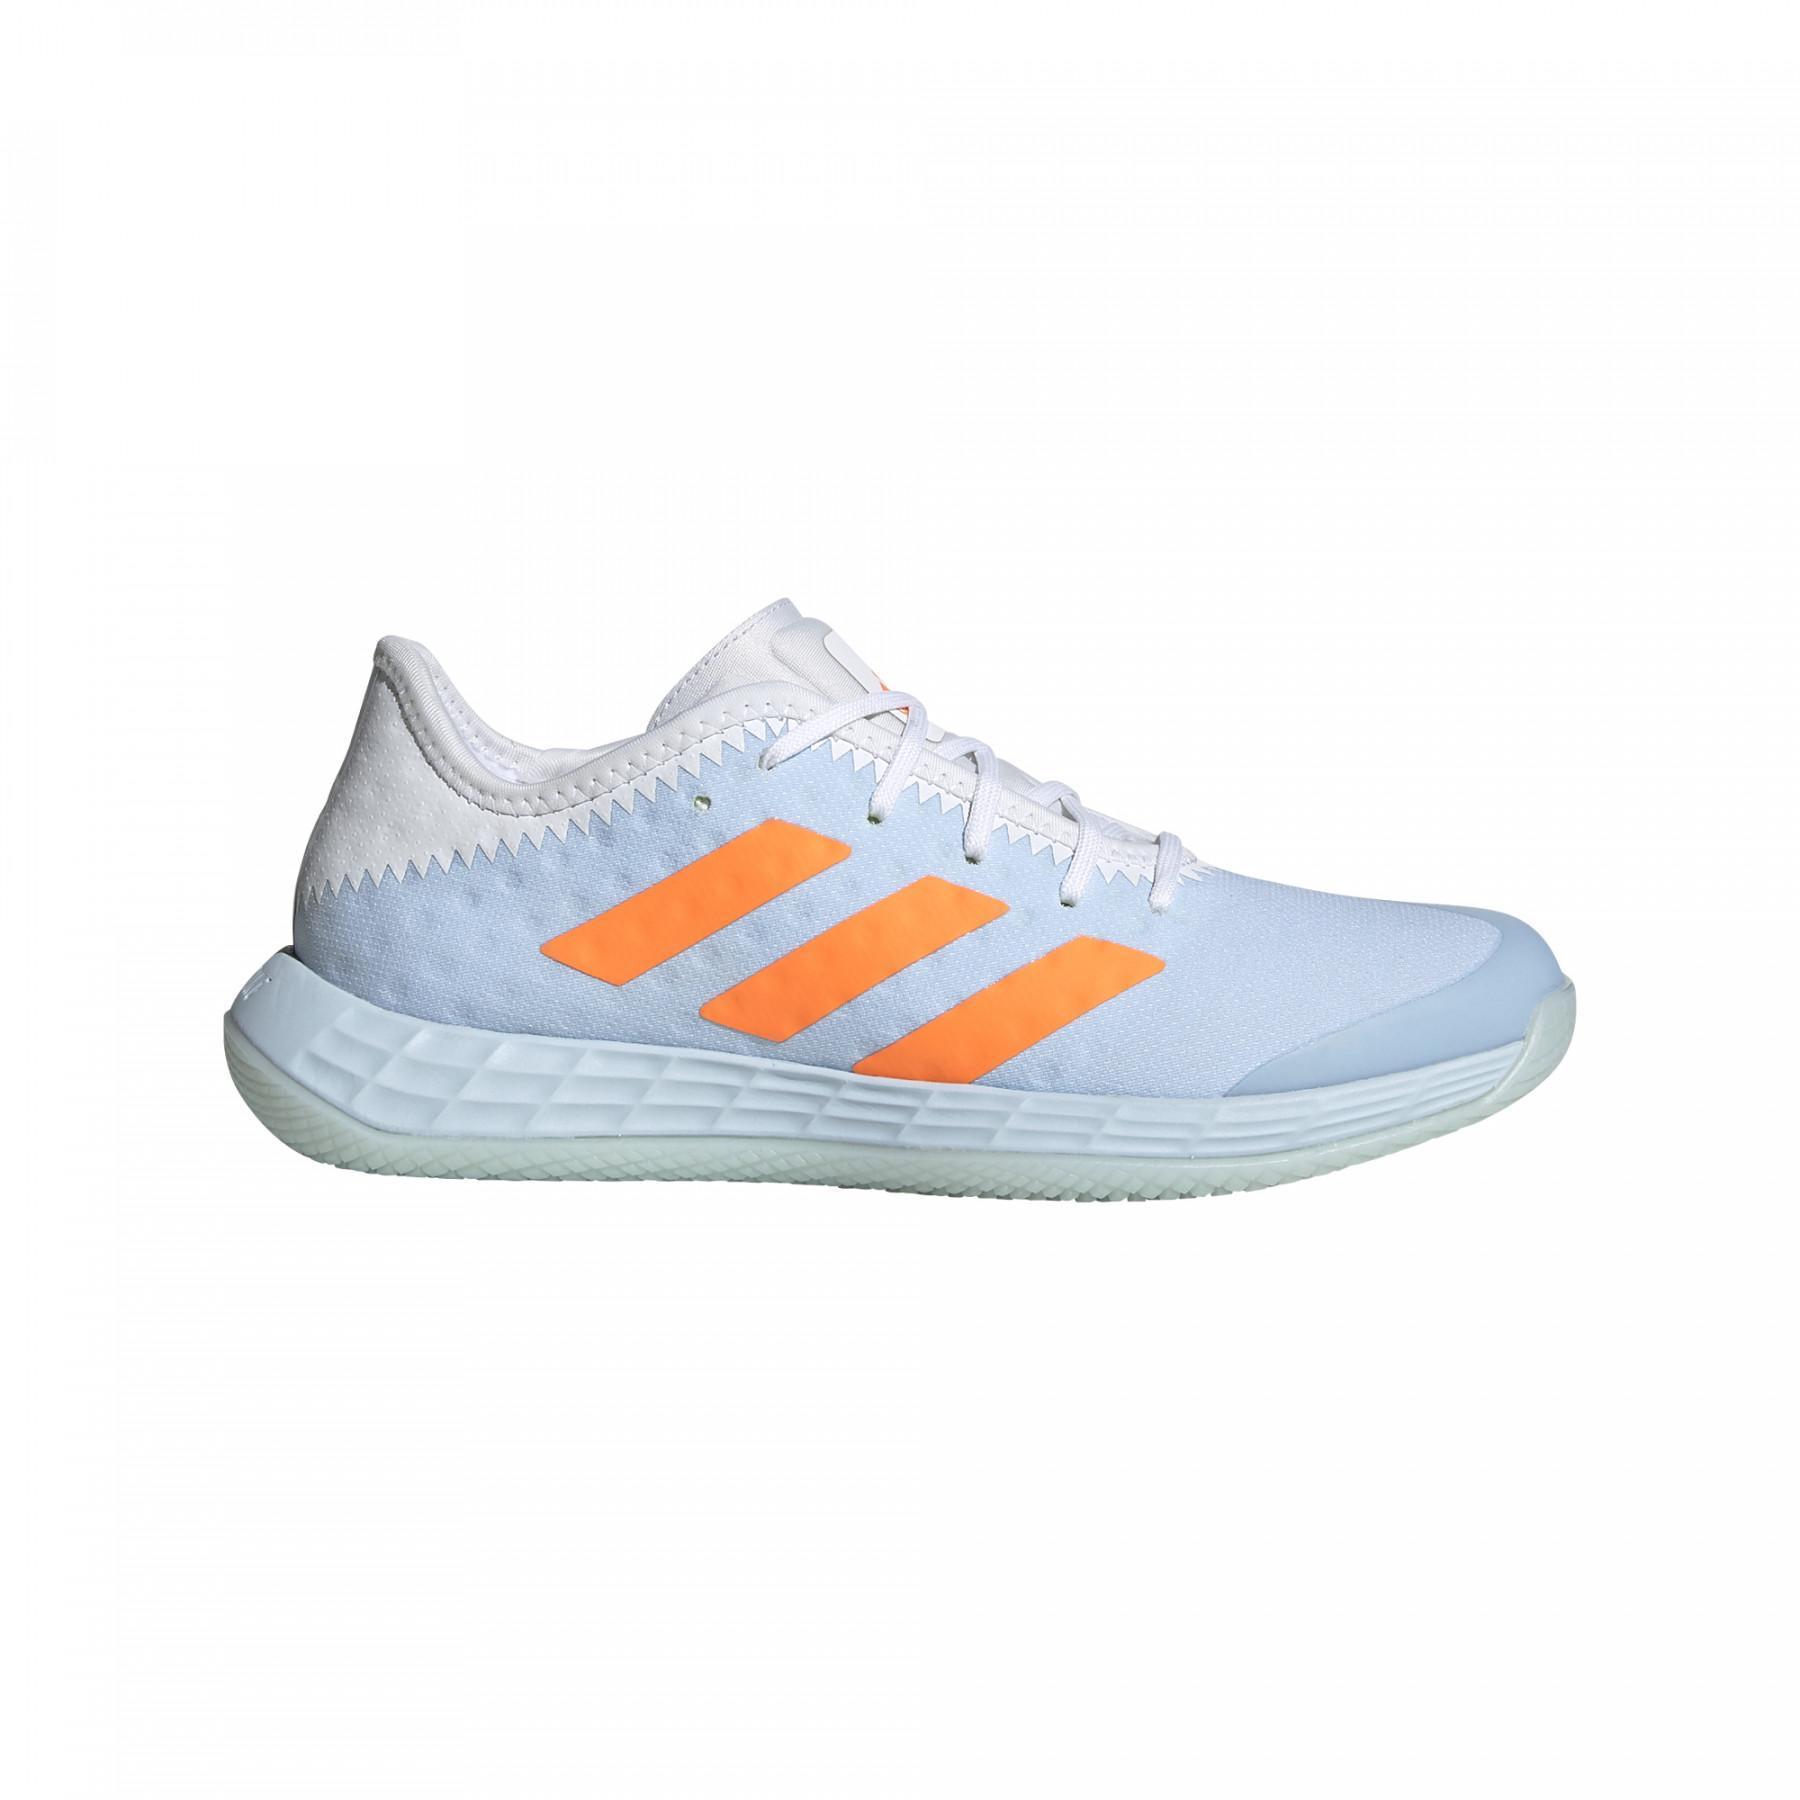 regla Él mismo Esperar algo  Chaussures femme adidas Adizero Fastcourt Handball